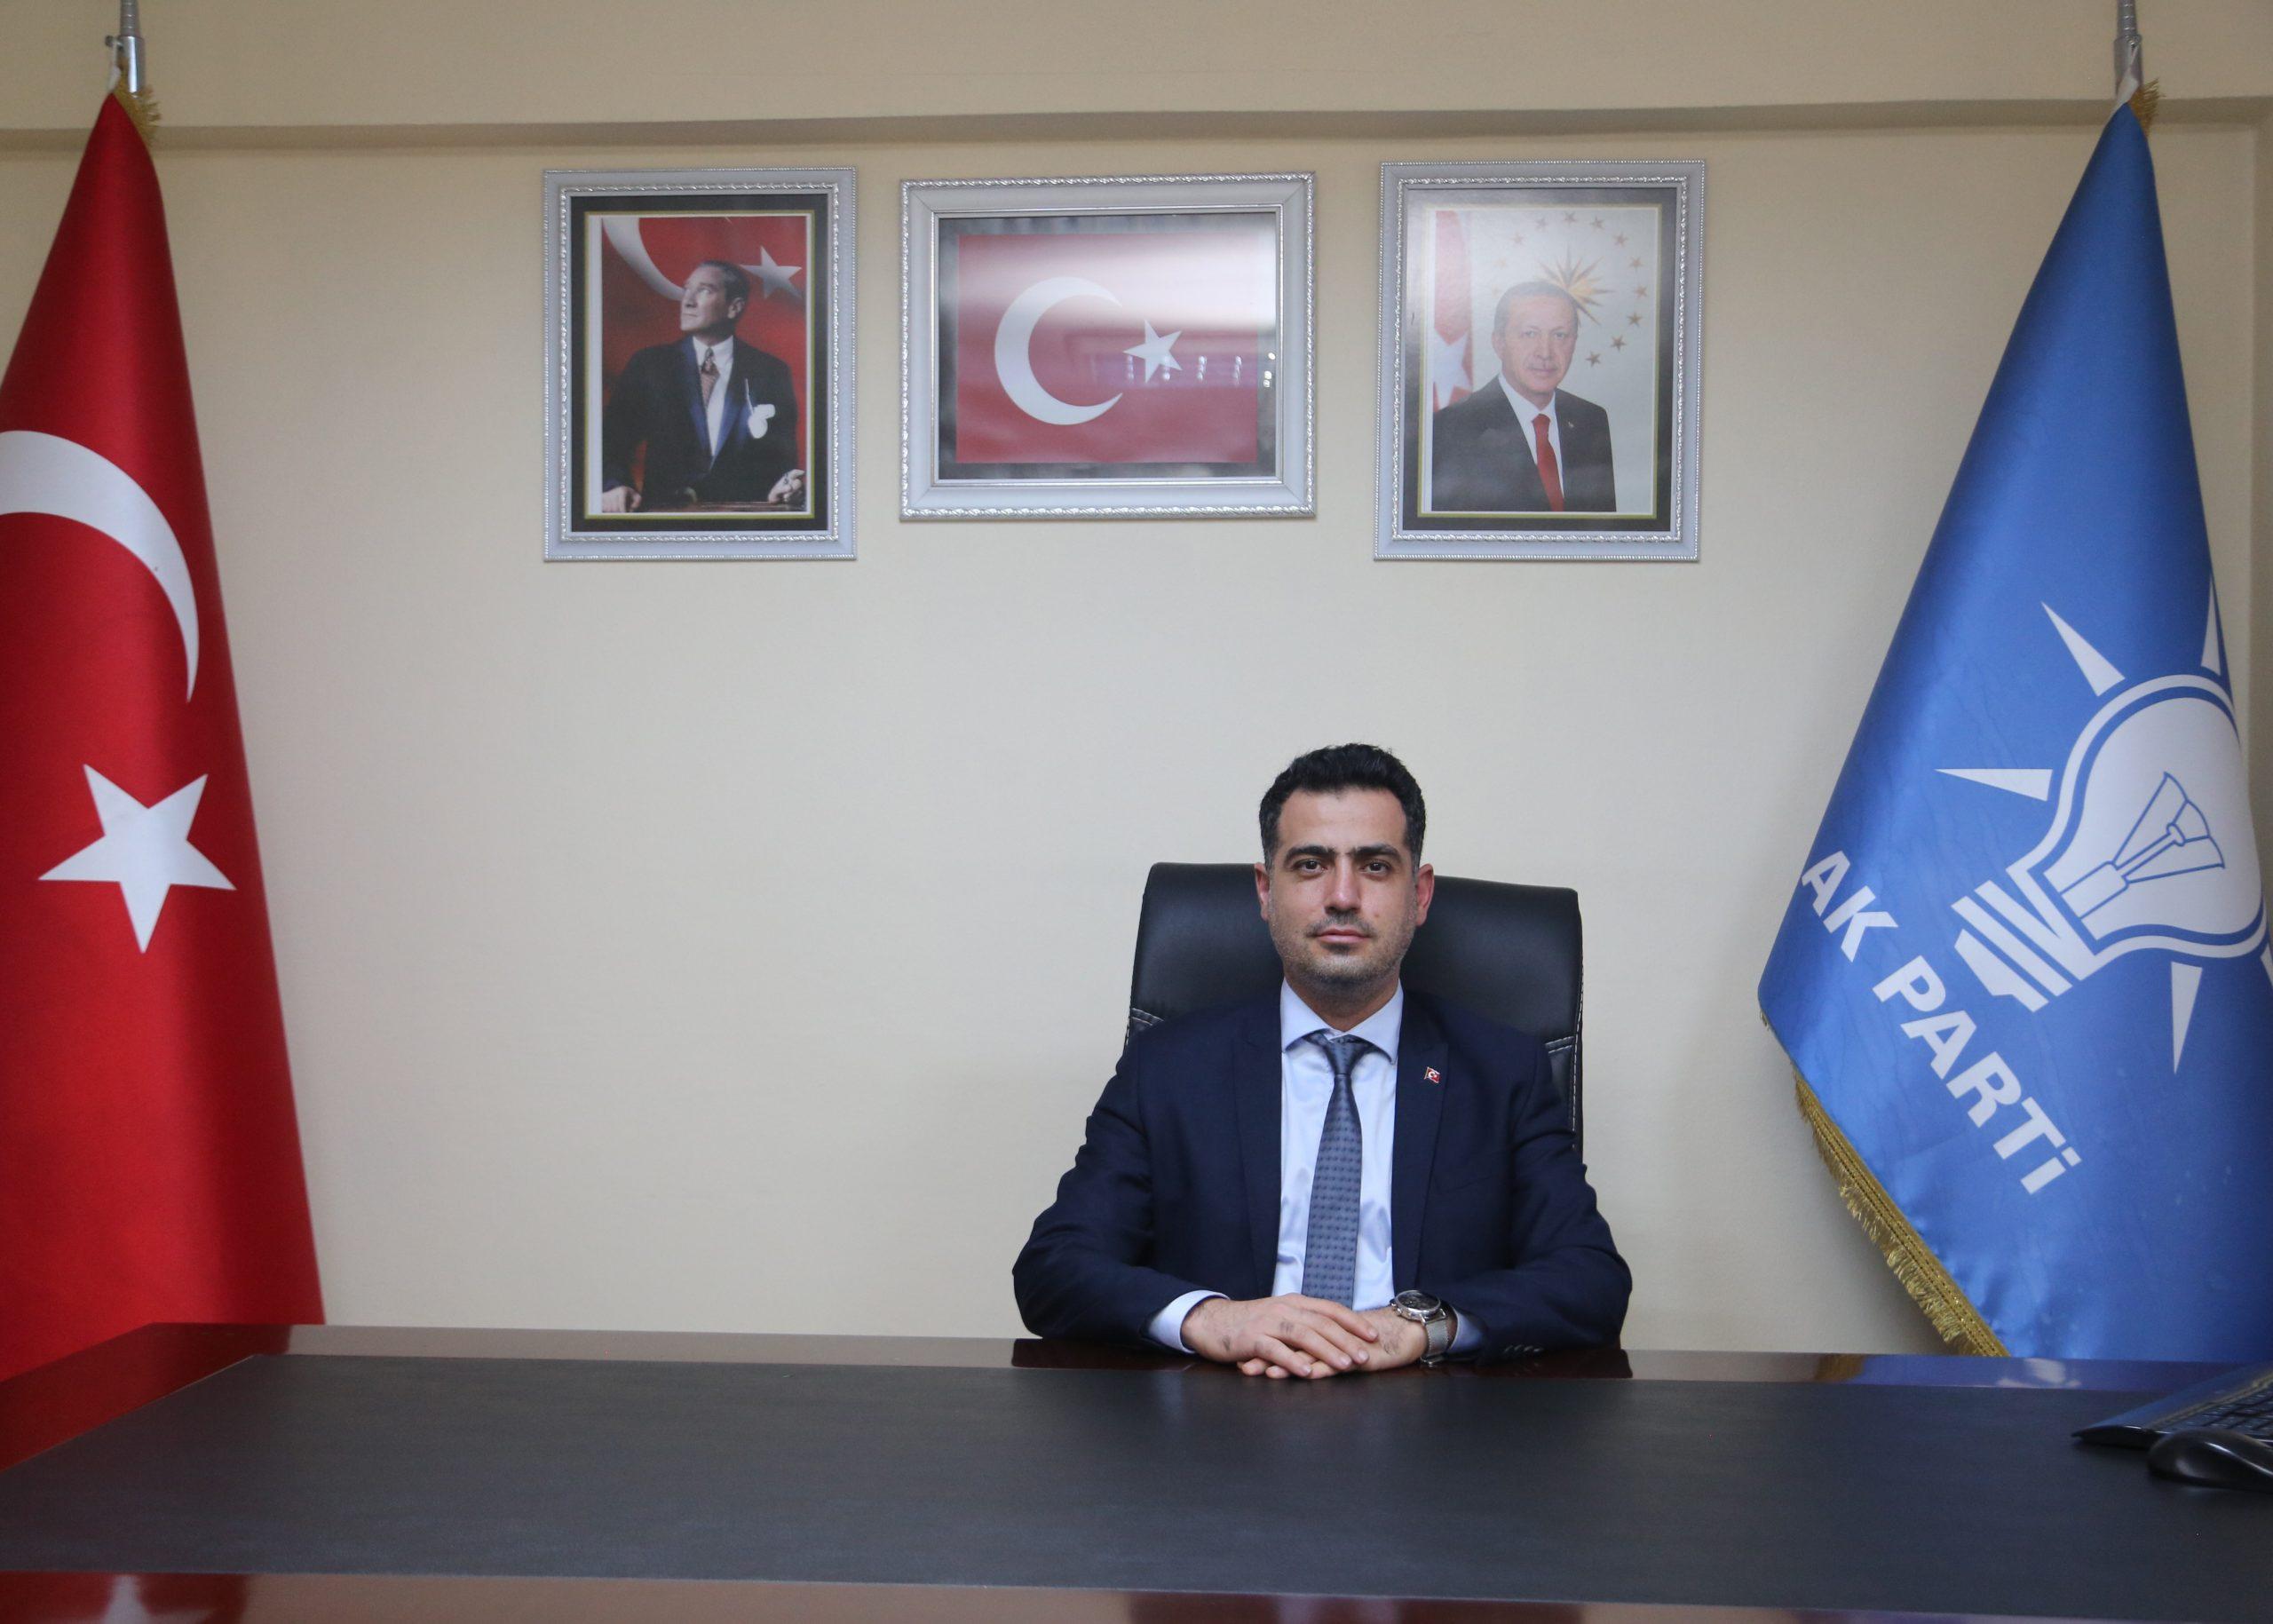 """CENGİL """" TALEPLERİN FAZLALIĞI BİZLERİ MUTLU EDİYOR """""""